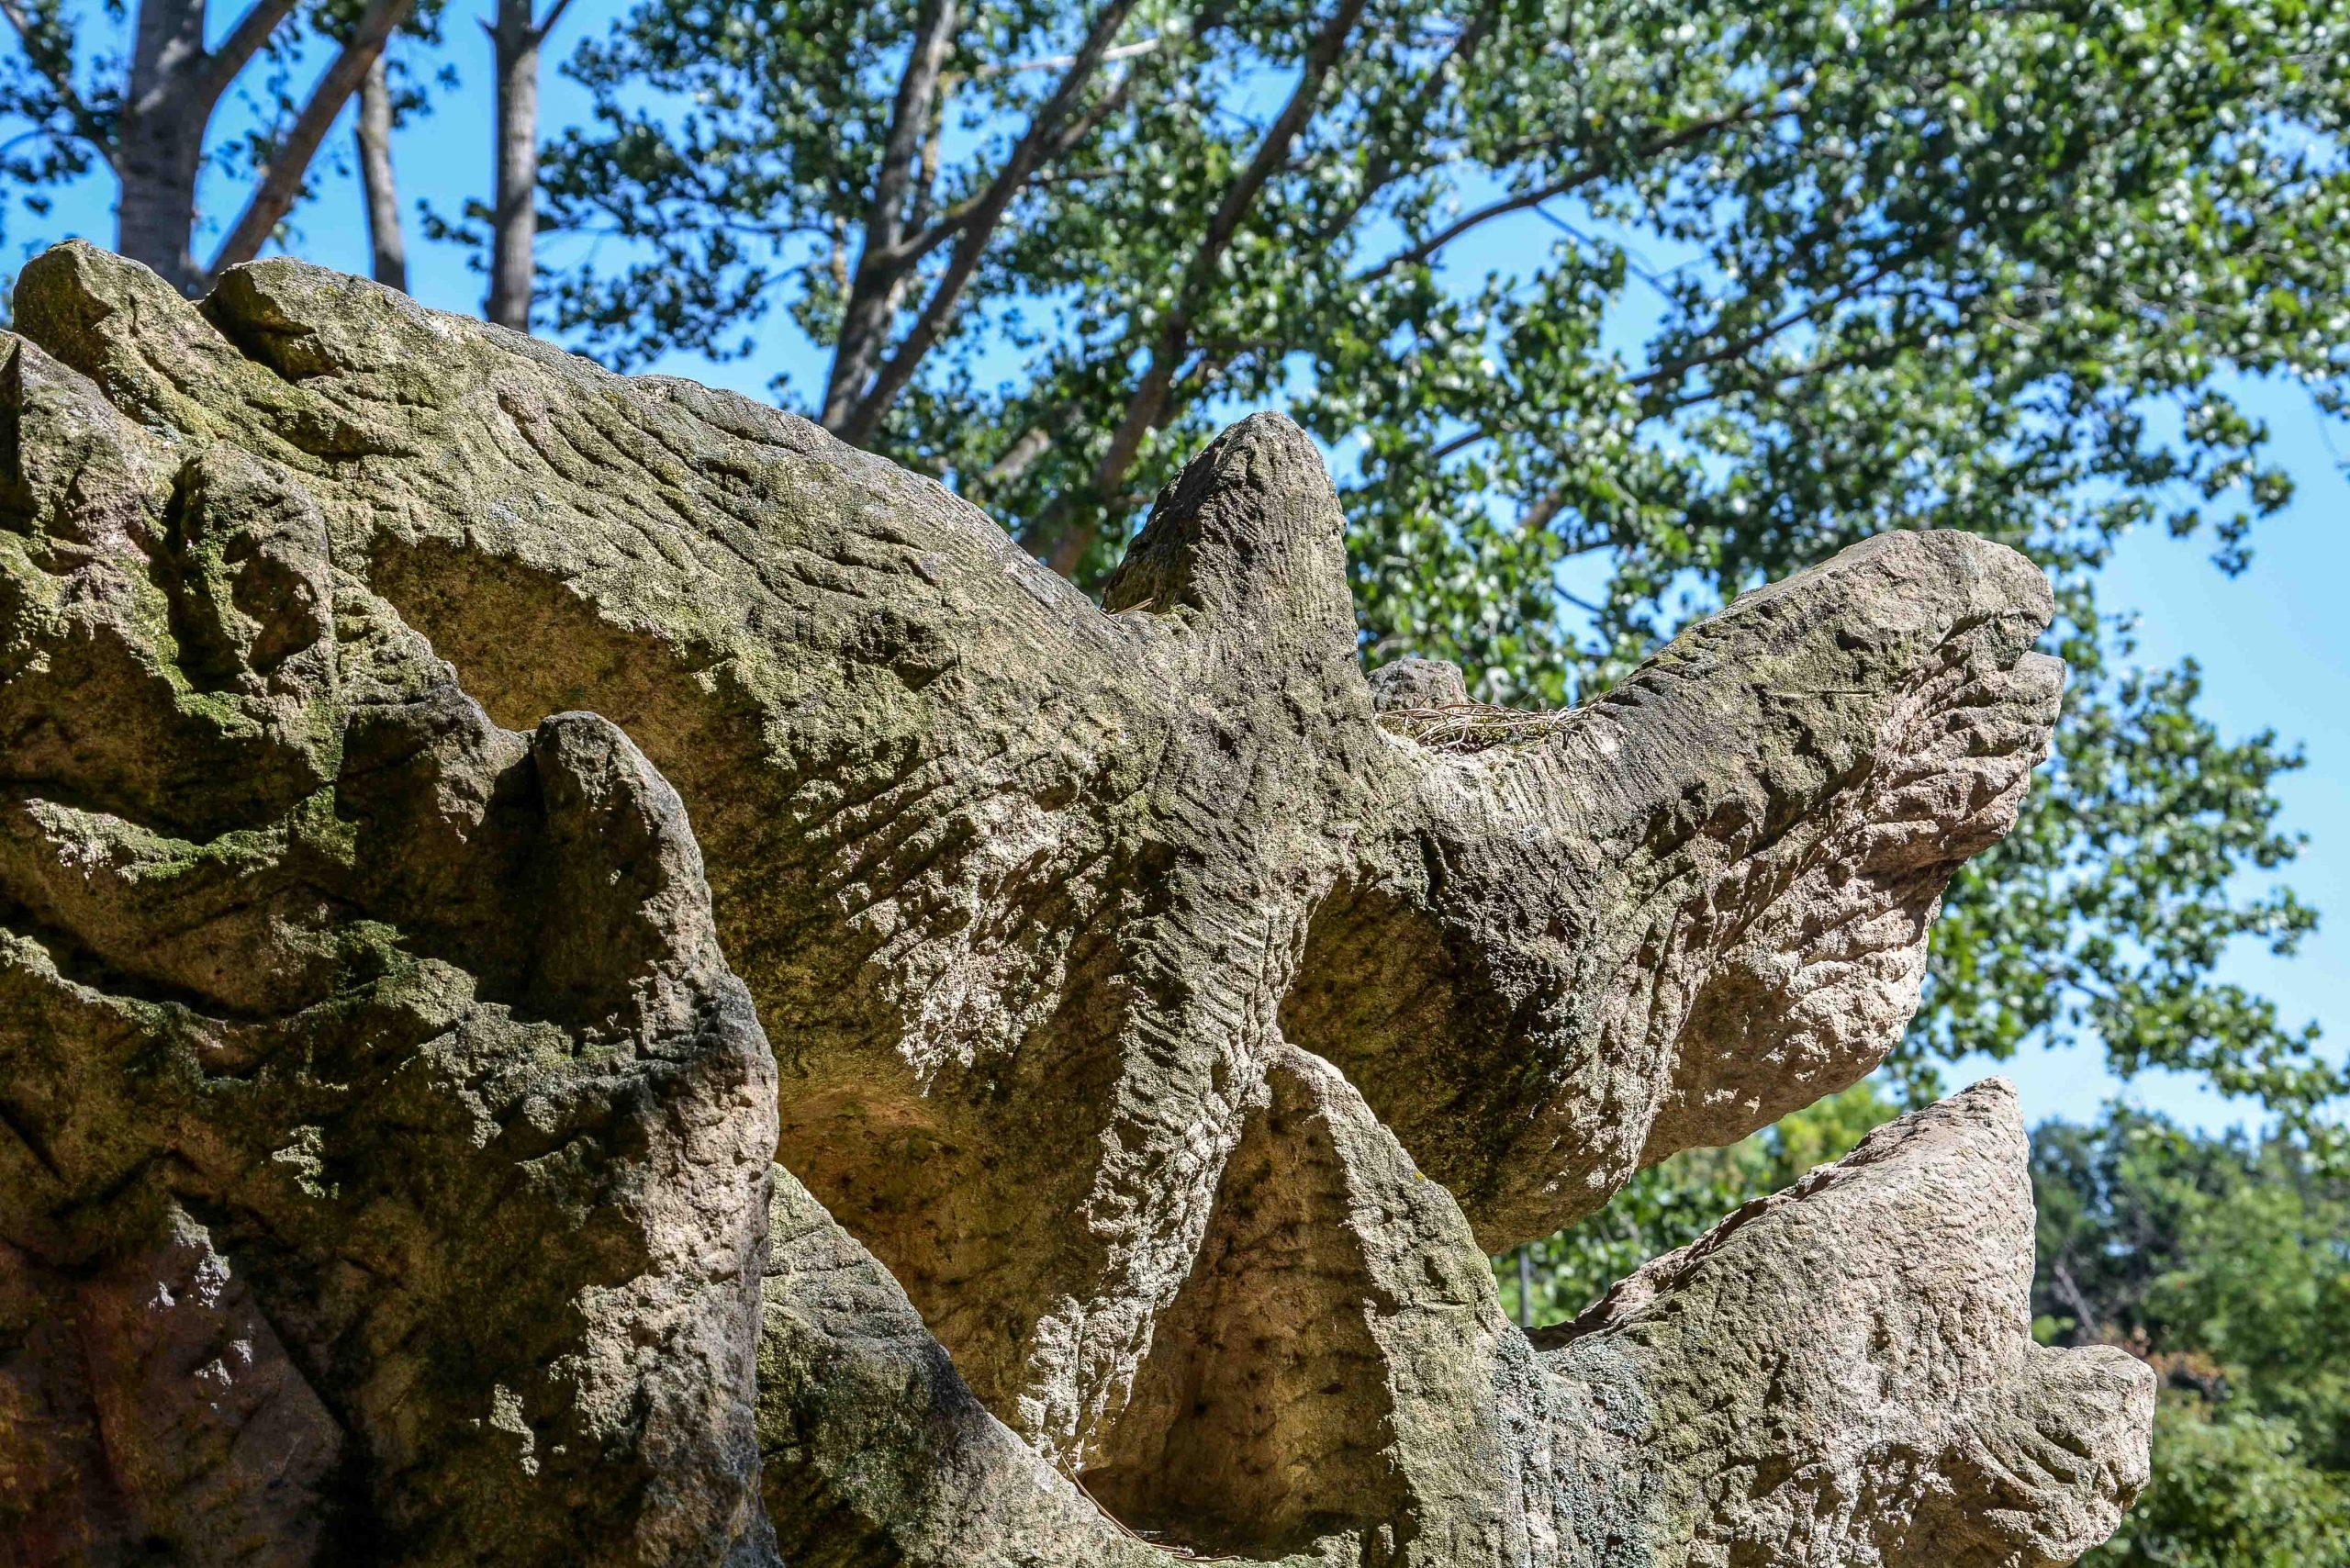 Chernobyl Memorial Berlin Lichtenberg fennpfuhlpark tschernobyl denkmal berlin deutschland juri sinkewitsch bird vogel